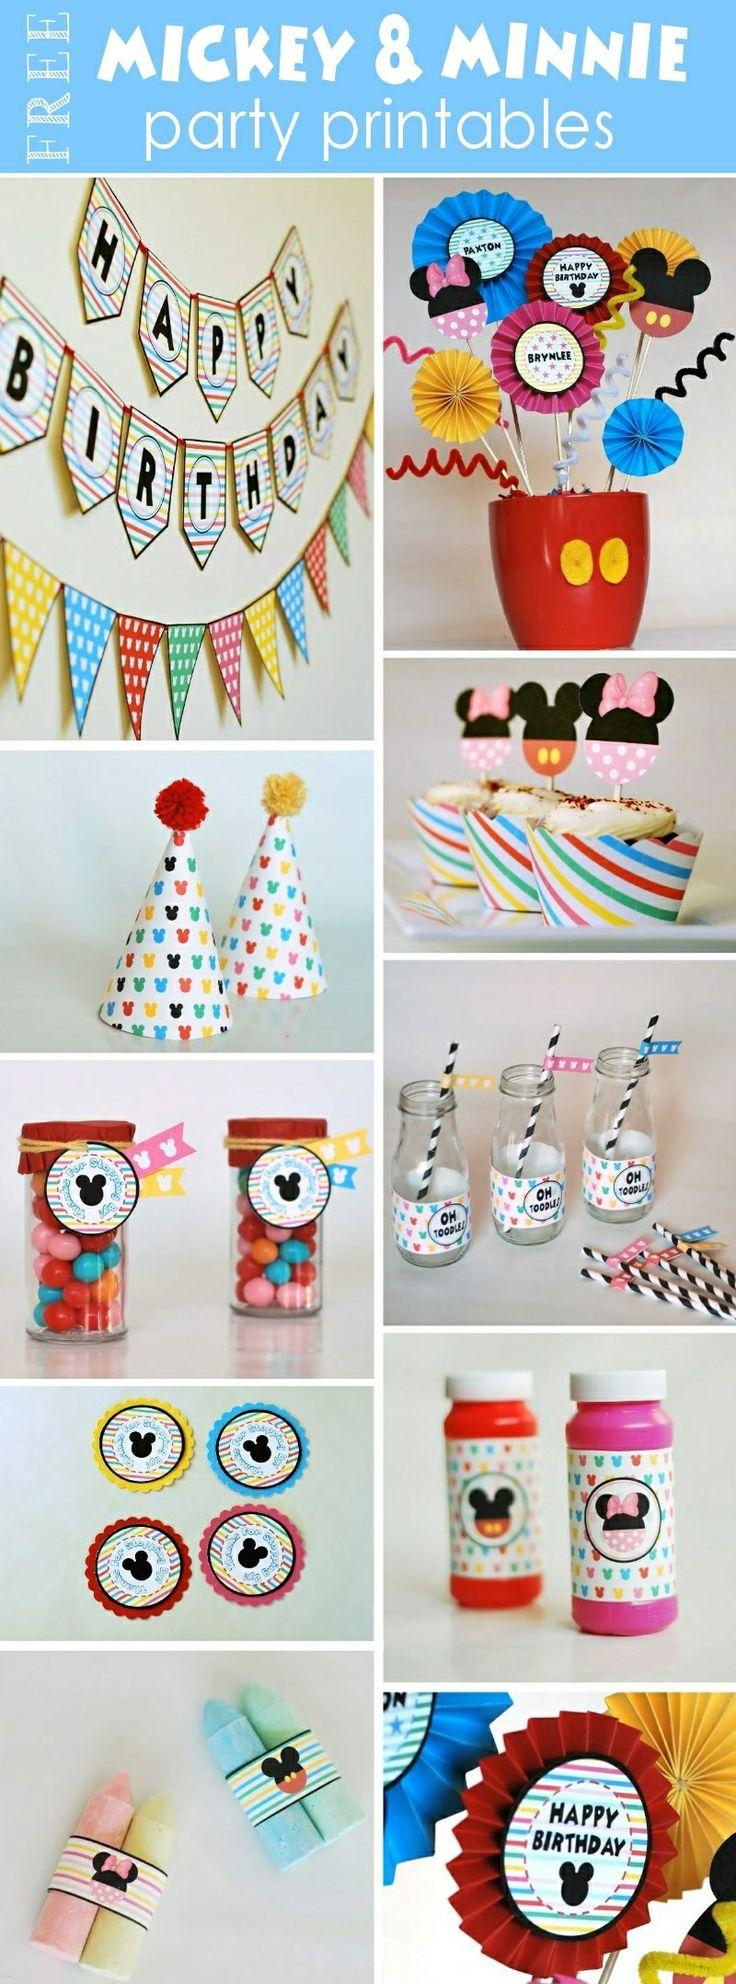 Free Mickey and Minnie Party Printables & Easy DIYs